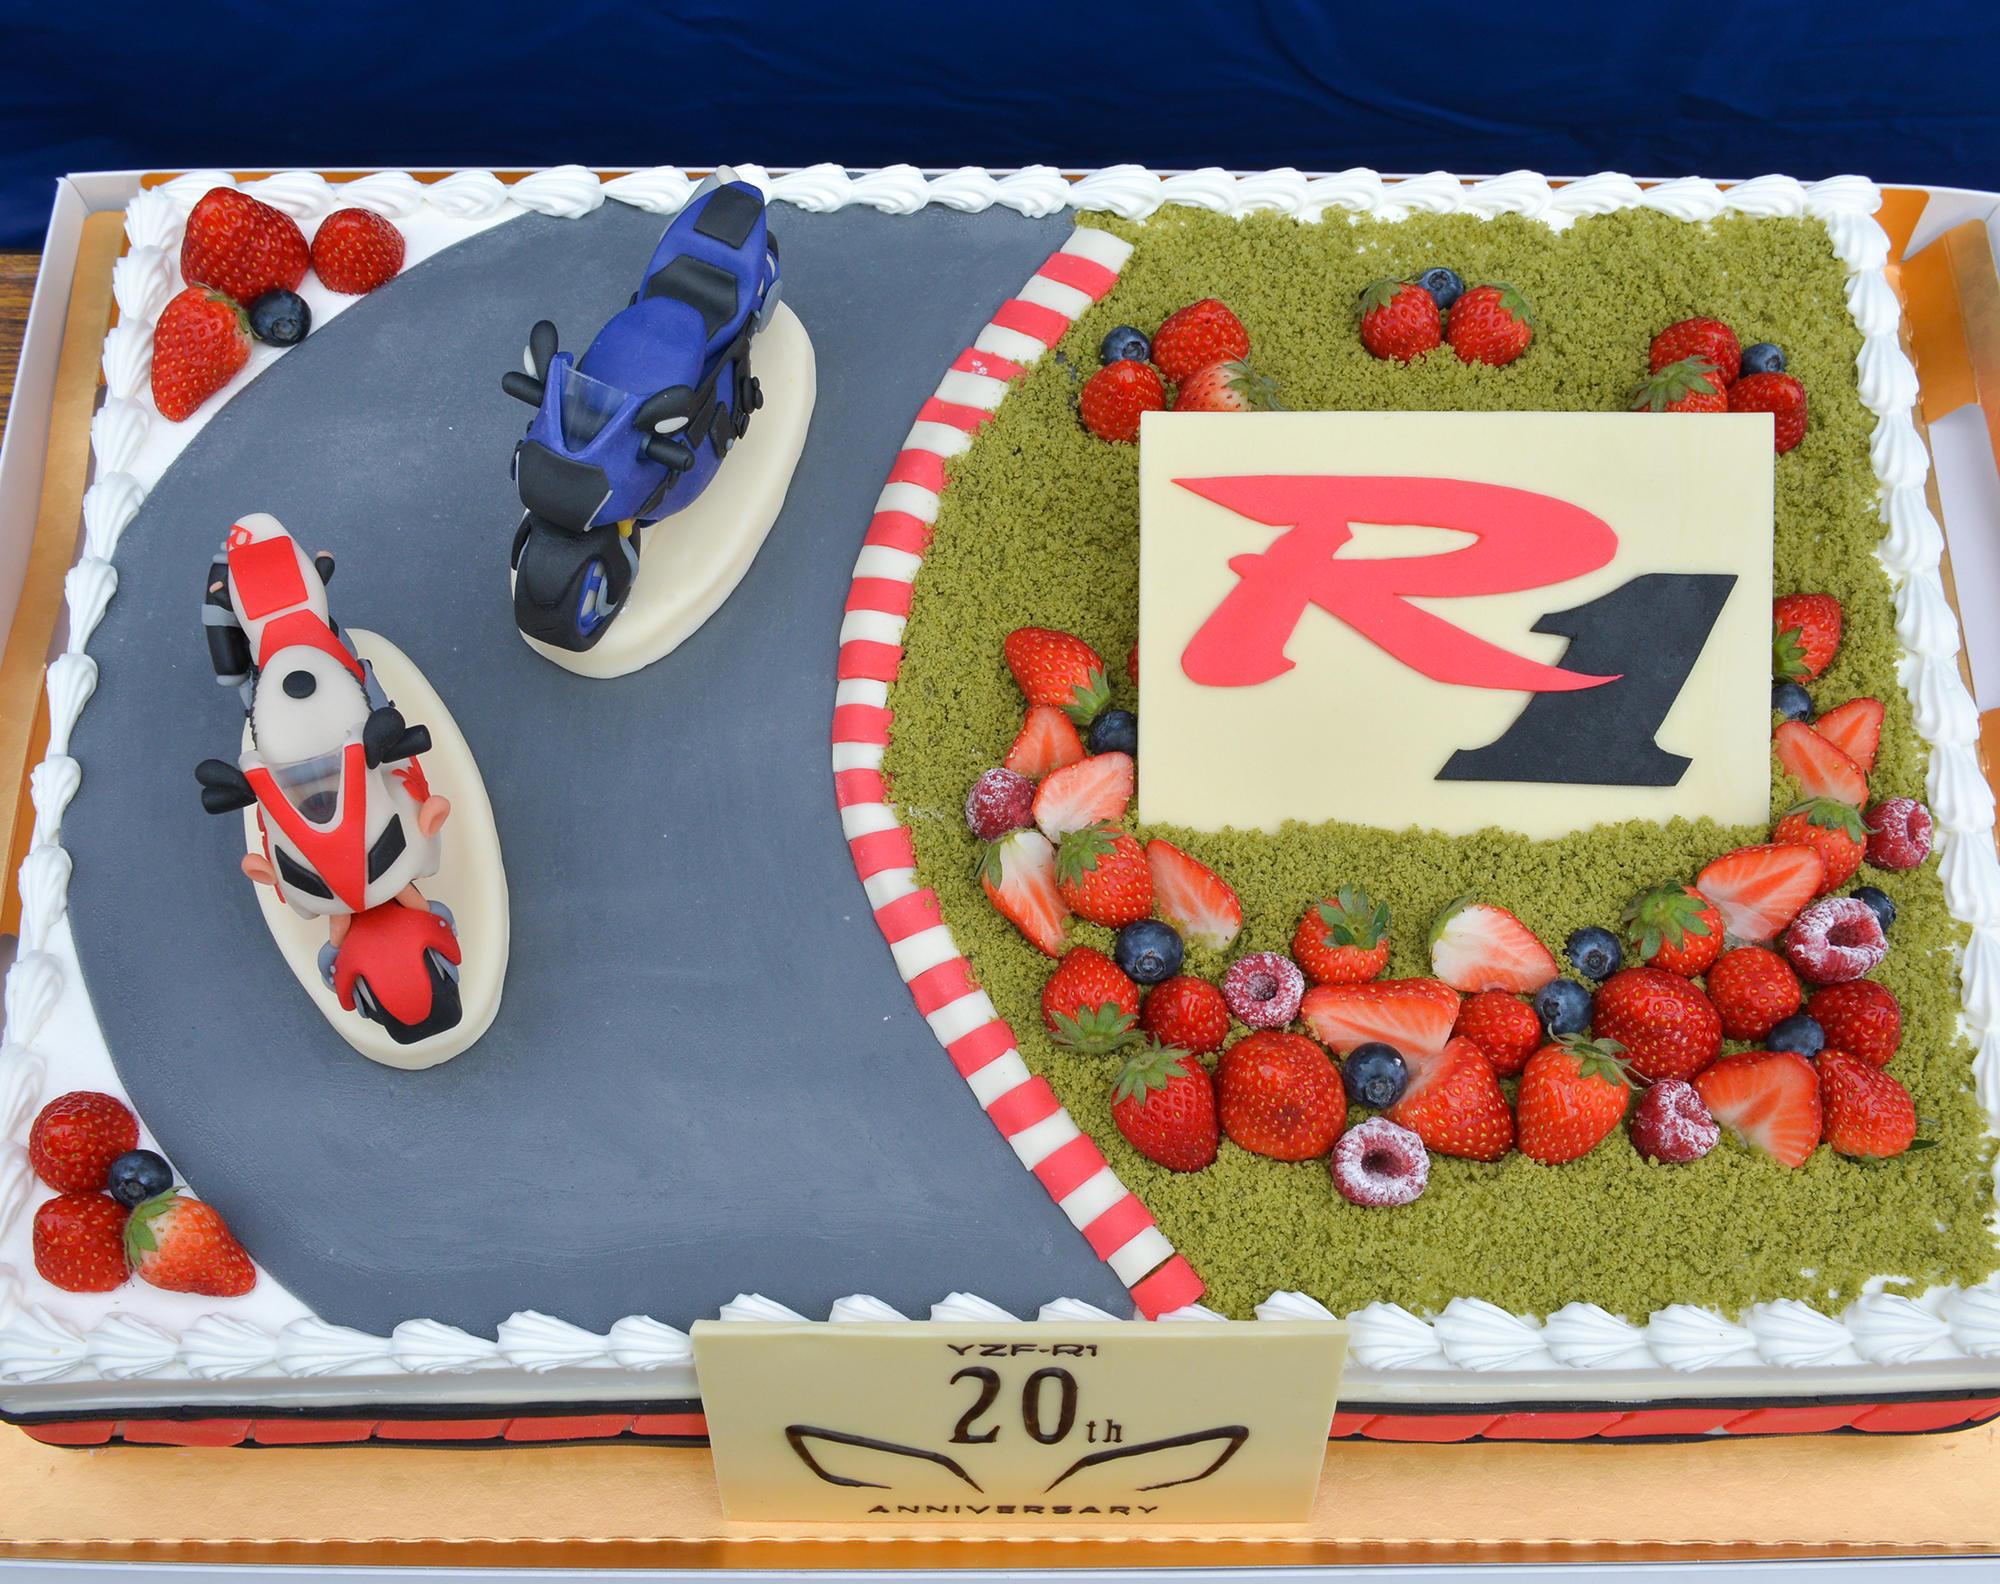 800人のファンのみなさんとYZF-R1誕生20周年を祝福。おいし〜くて楽しい♫ YZF-Rオーナーズミーティング開催レポ(その5:アイテム情報)